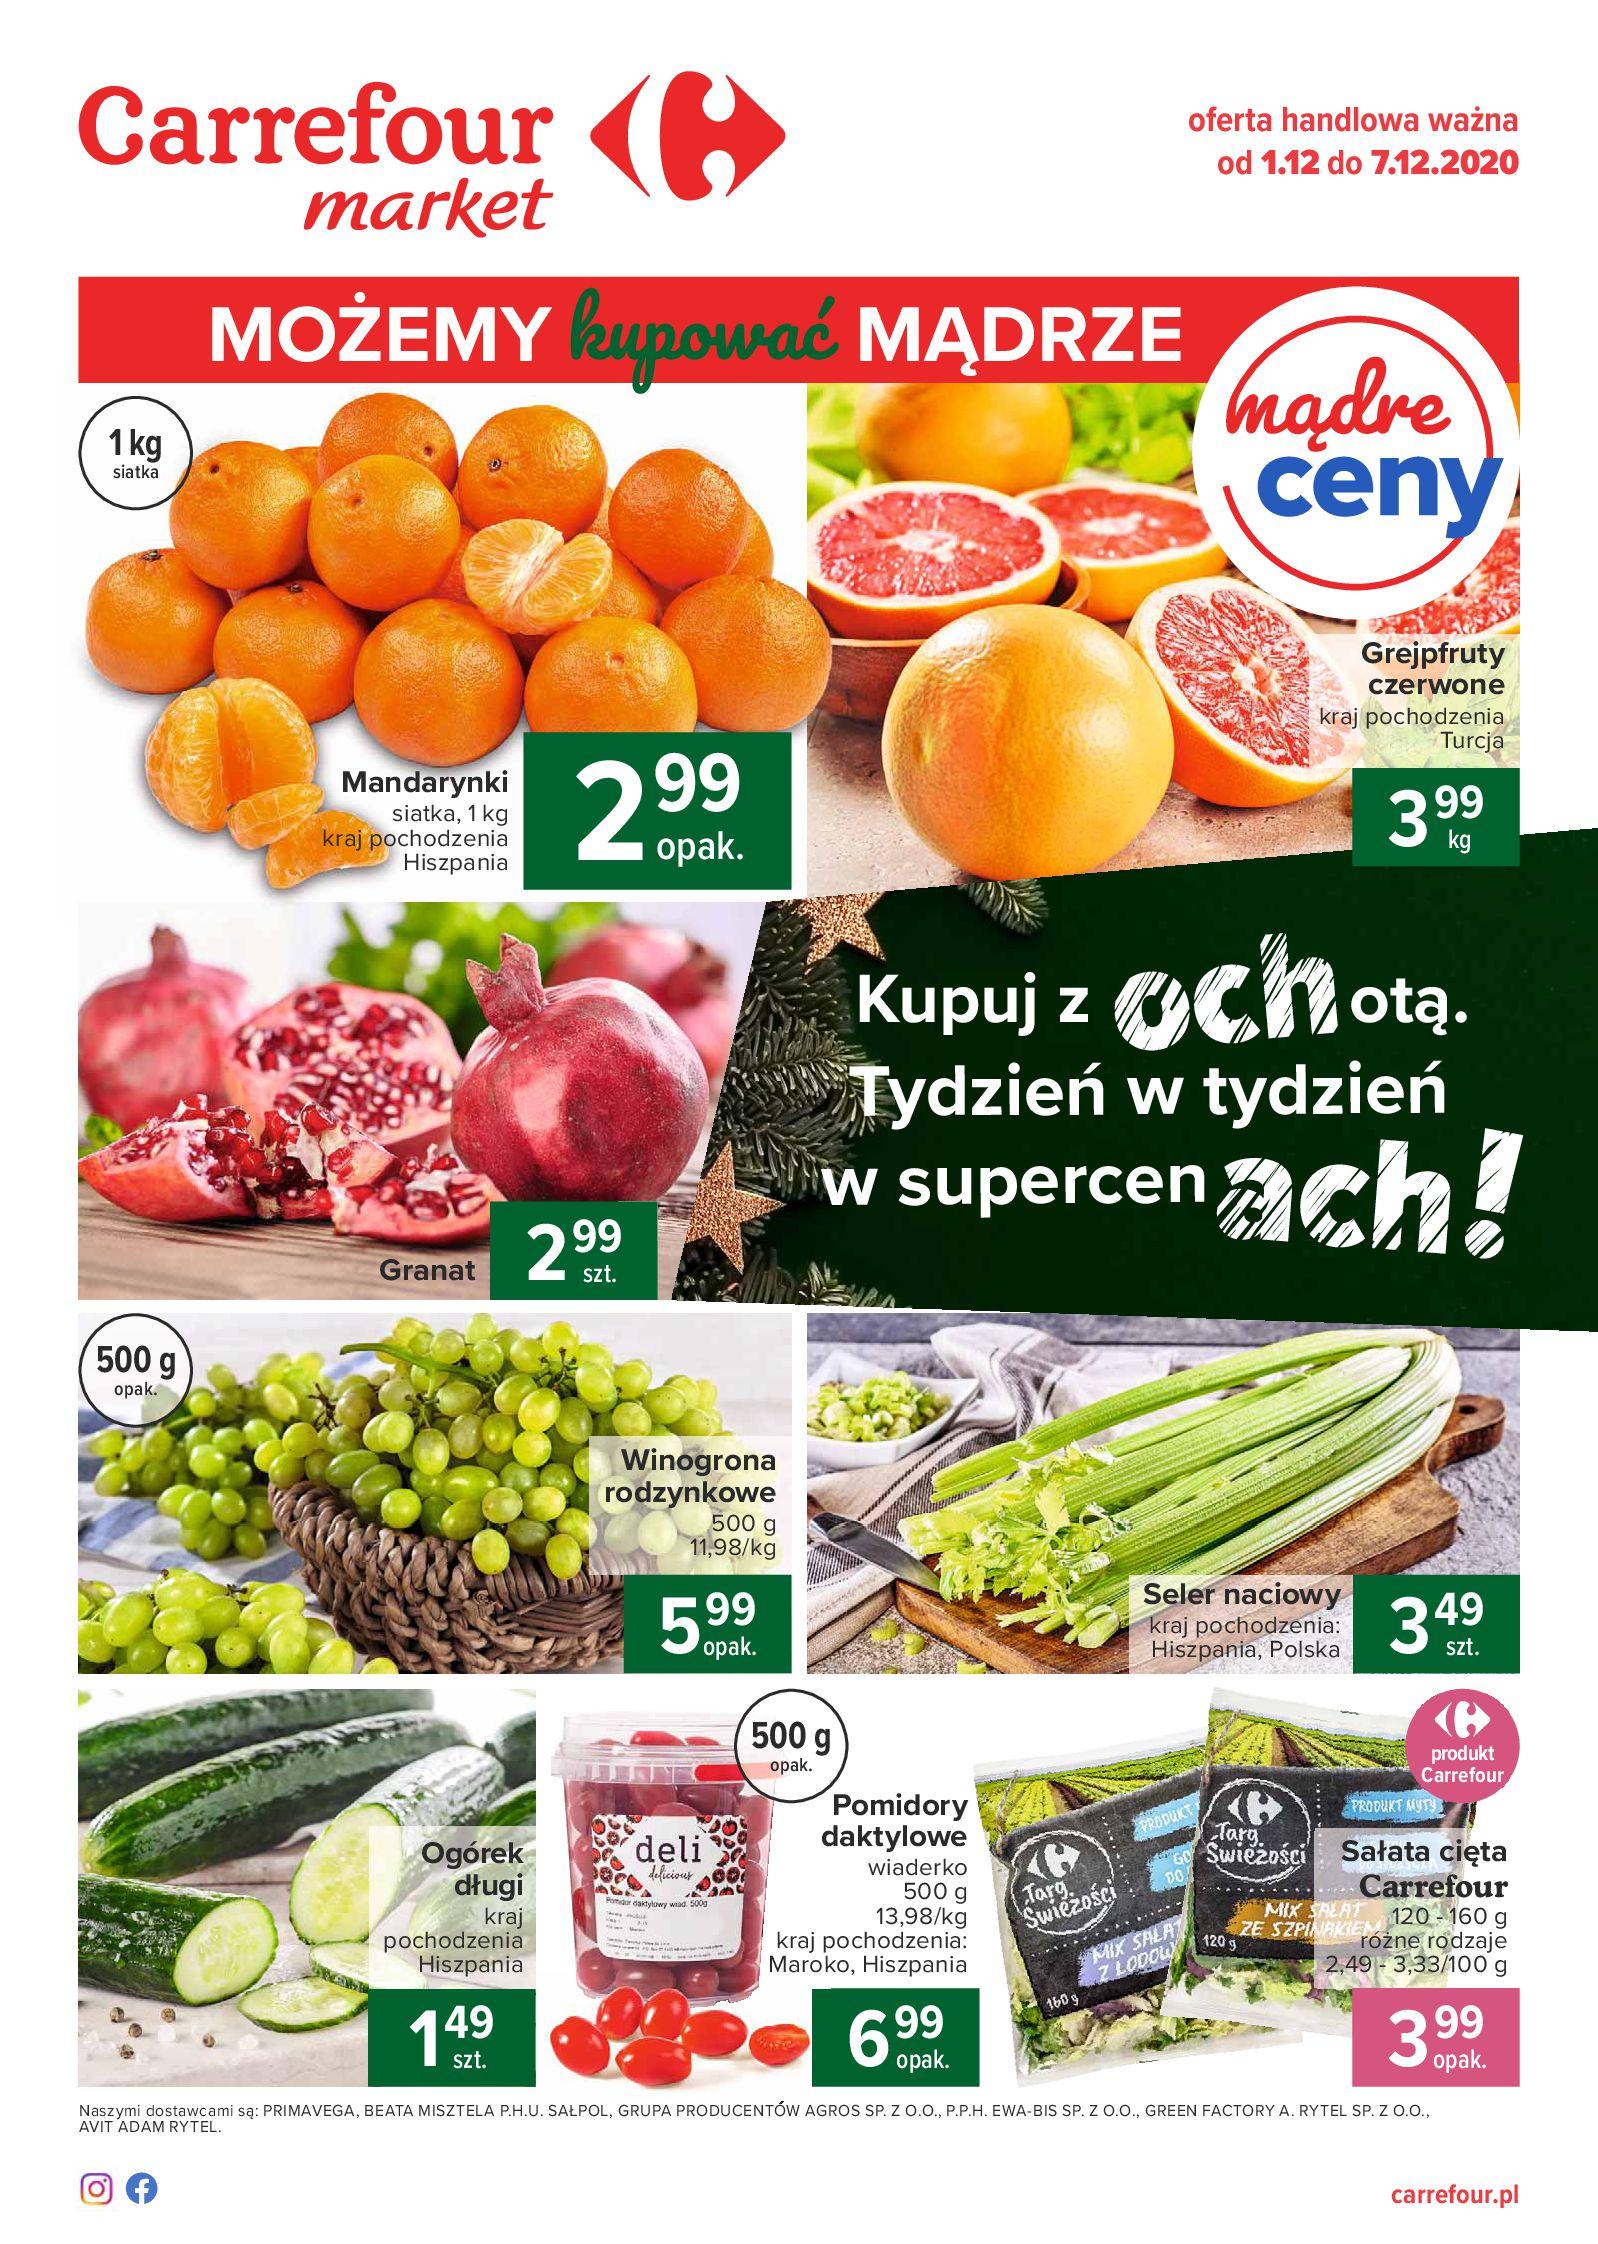 Carrefour Market:  Gazetka promocyjna Market 30.11.2020